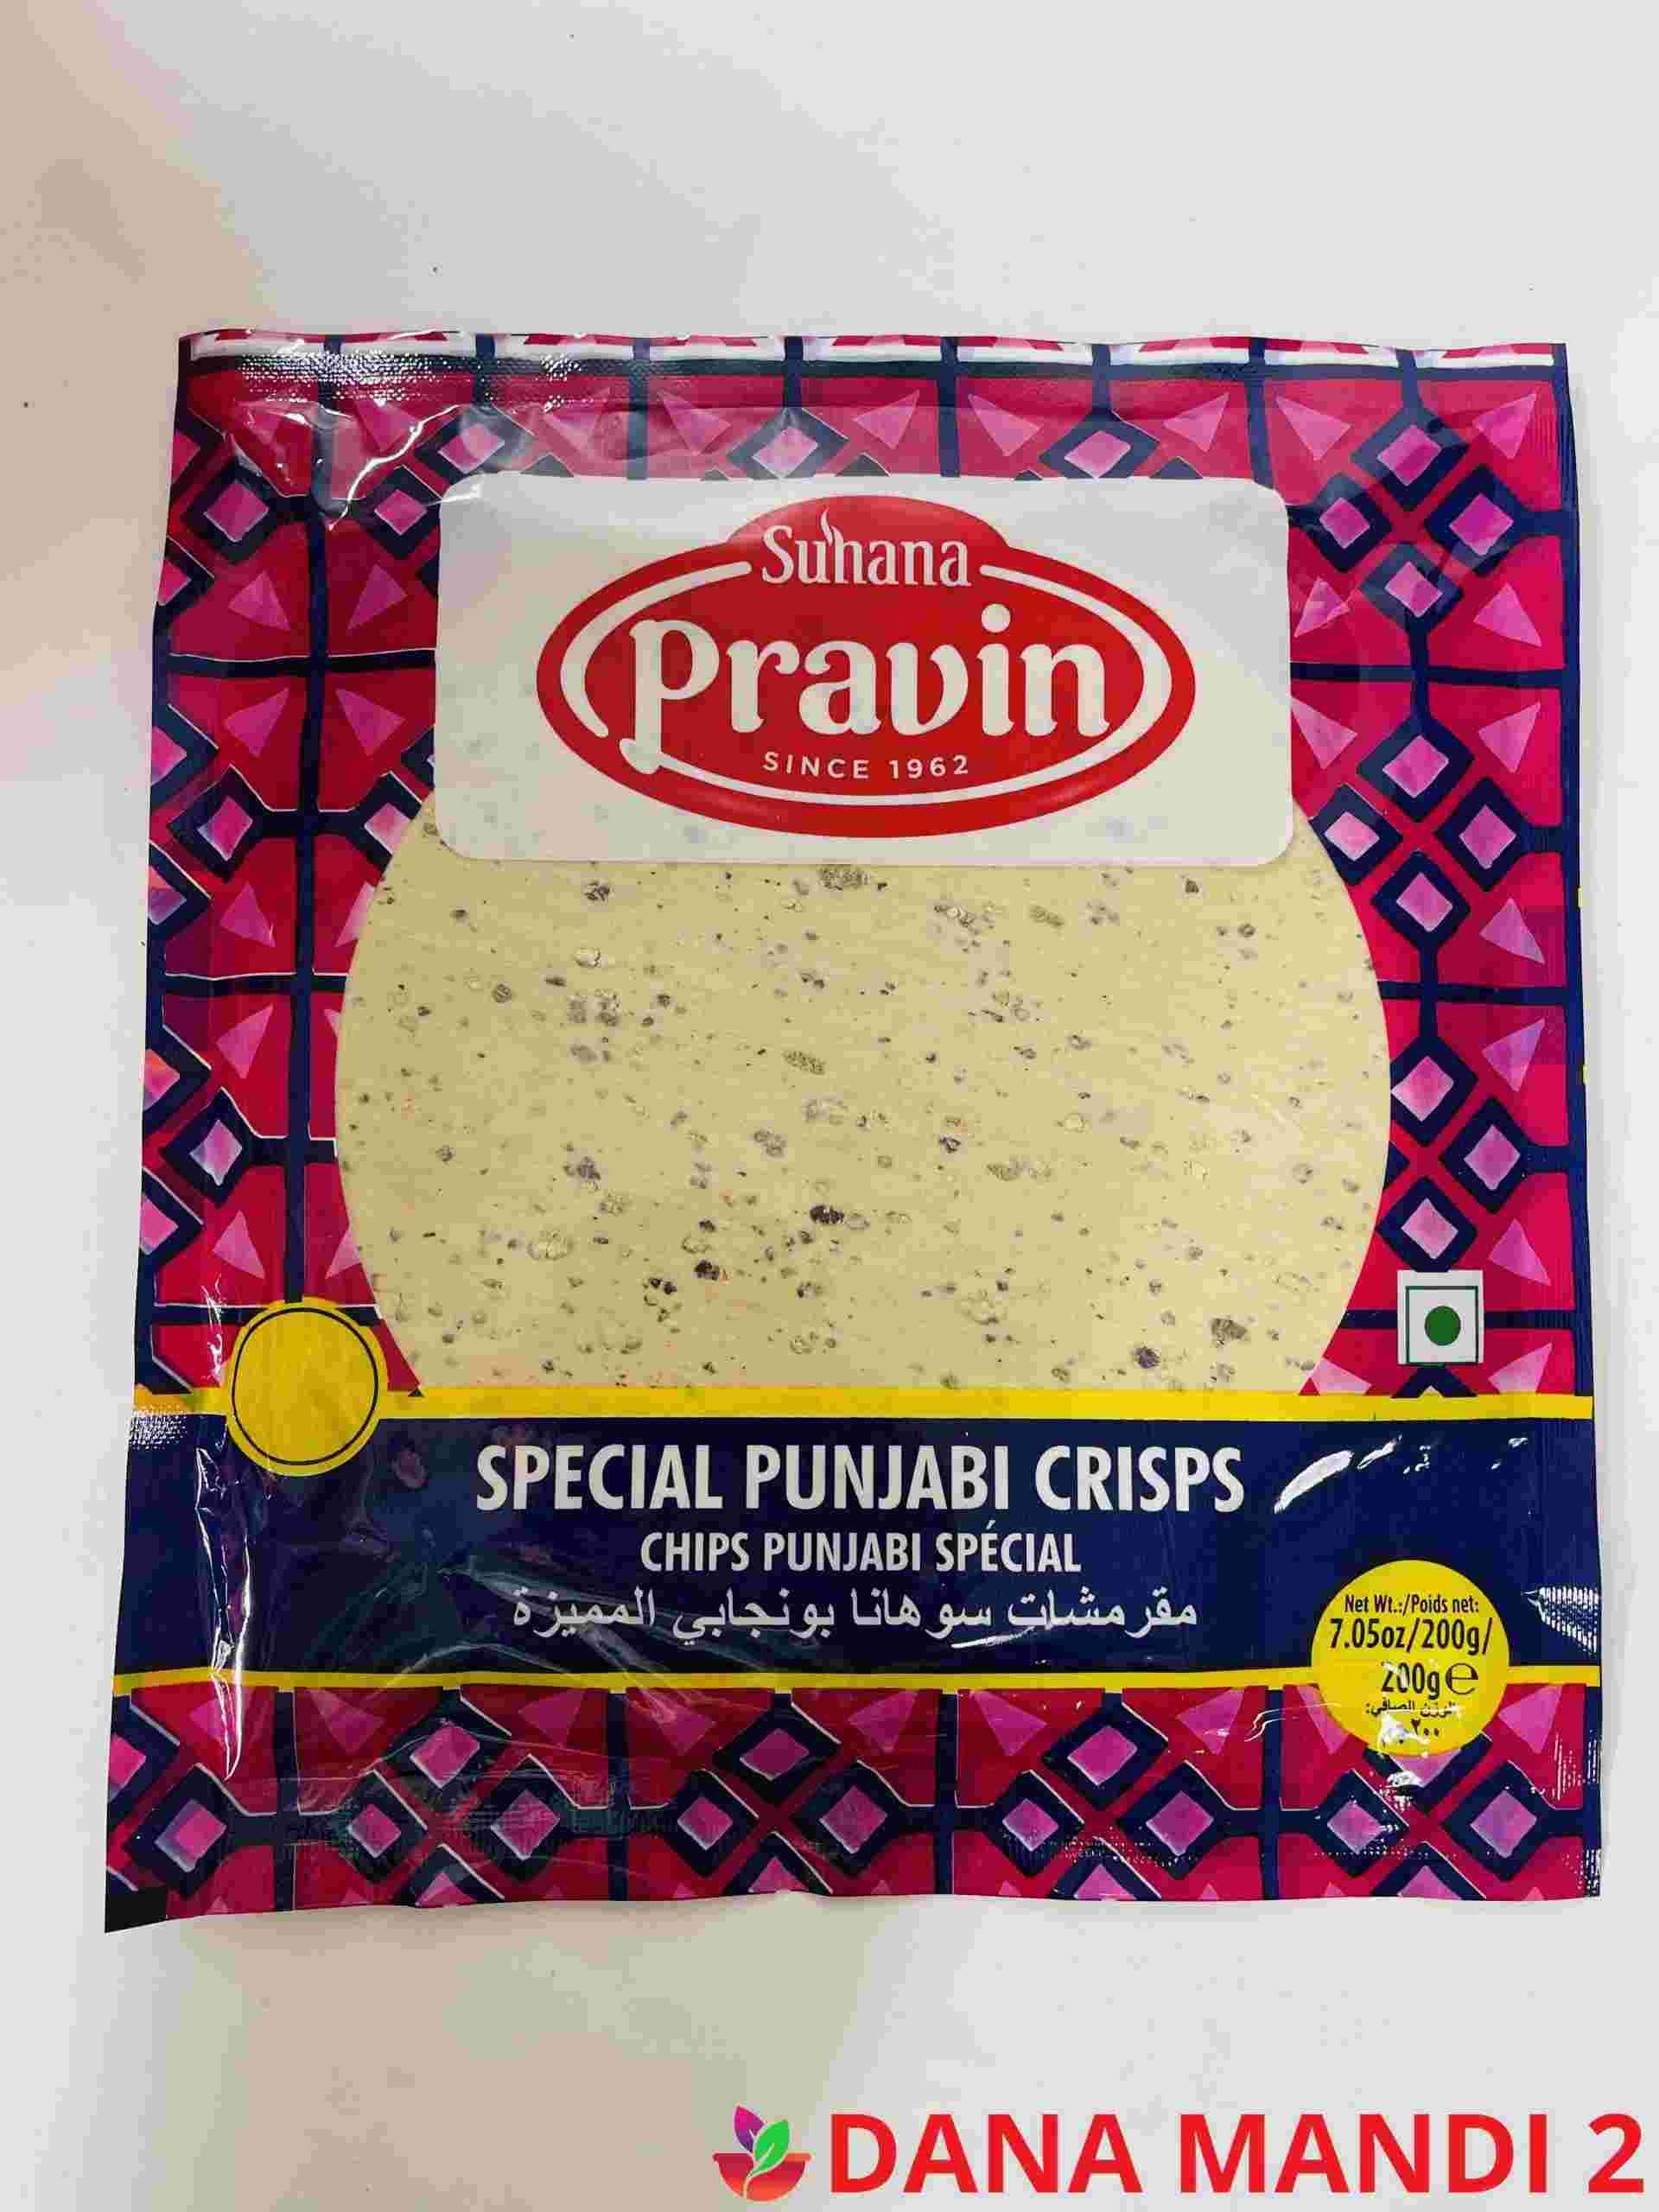 SUHANA PRAVIN Punjabi Papad